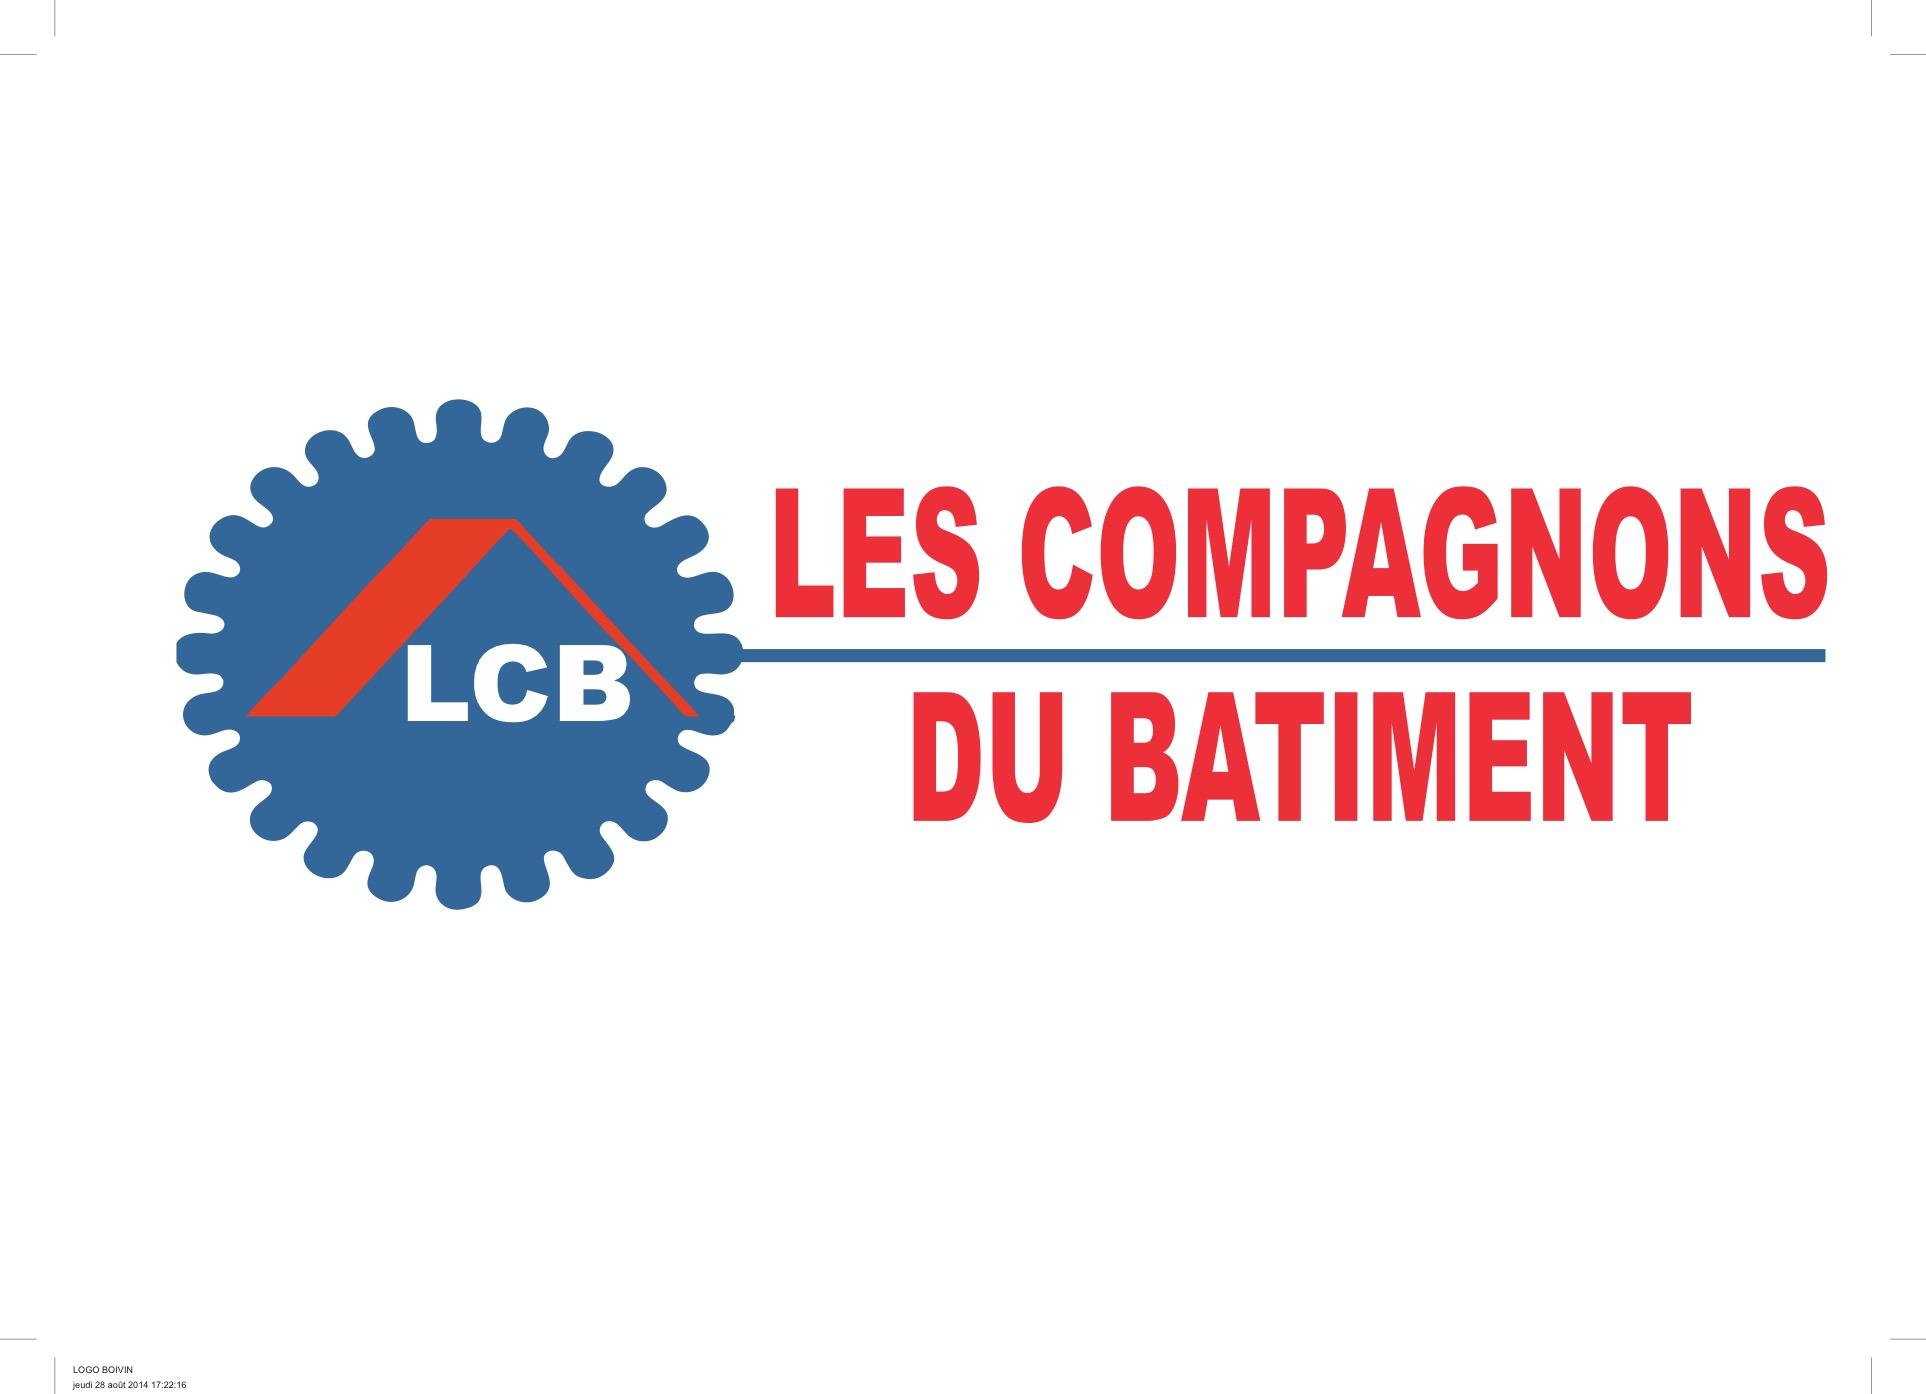 Logo de Les compagnons du bâtiment, société de travaux en Ramonage